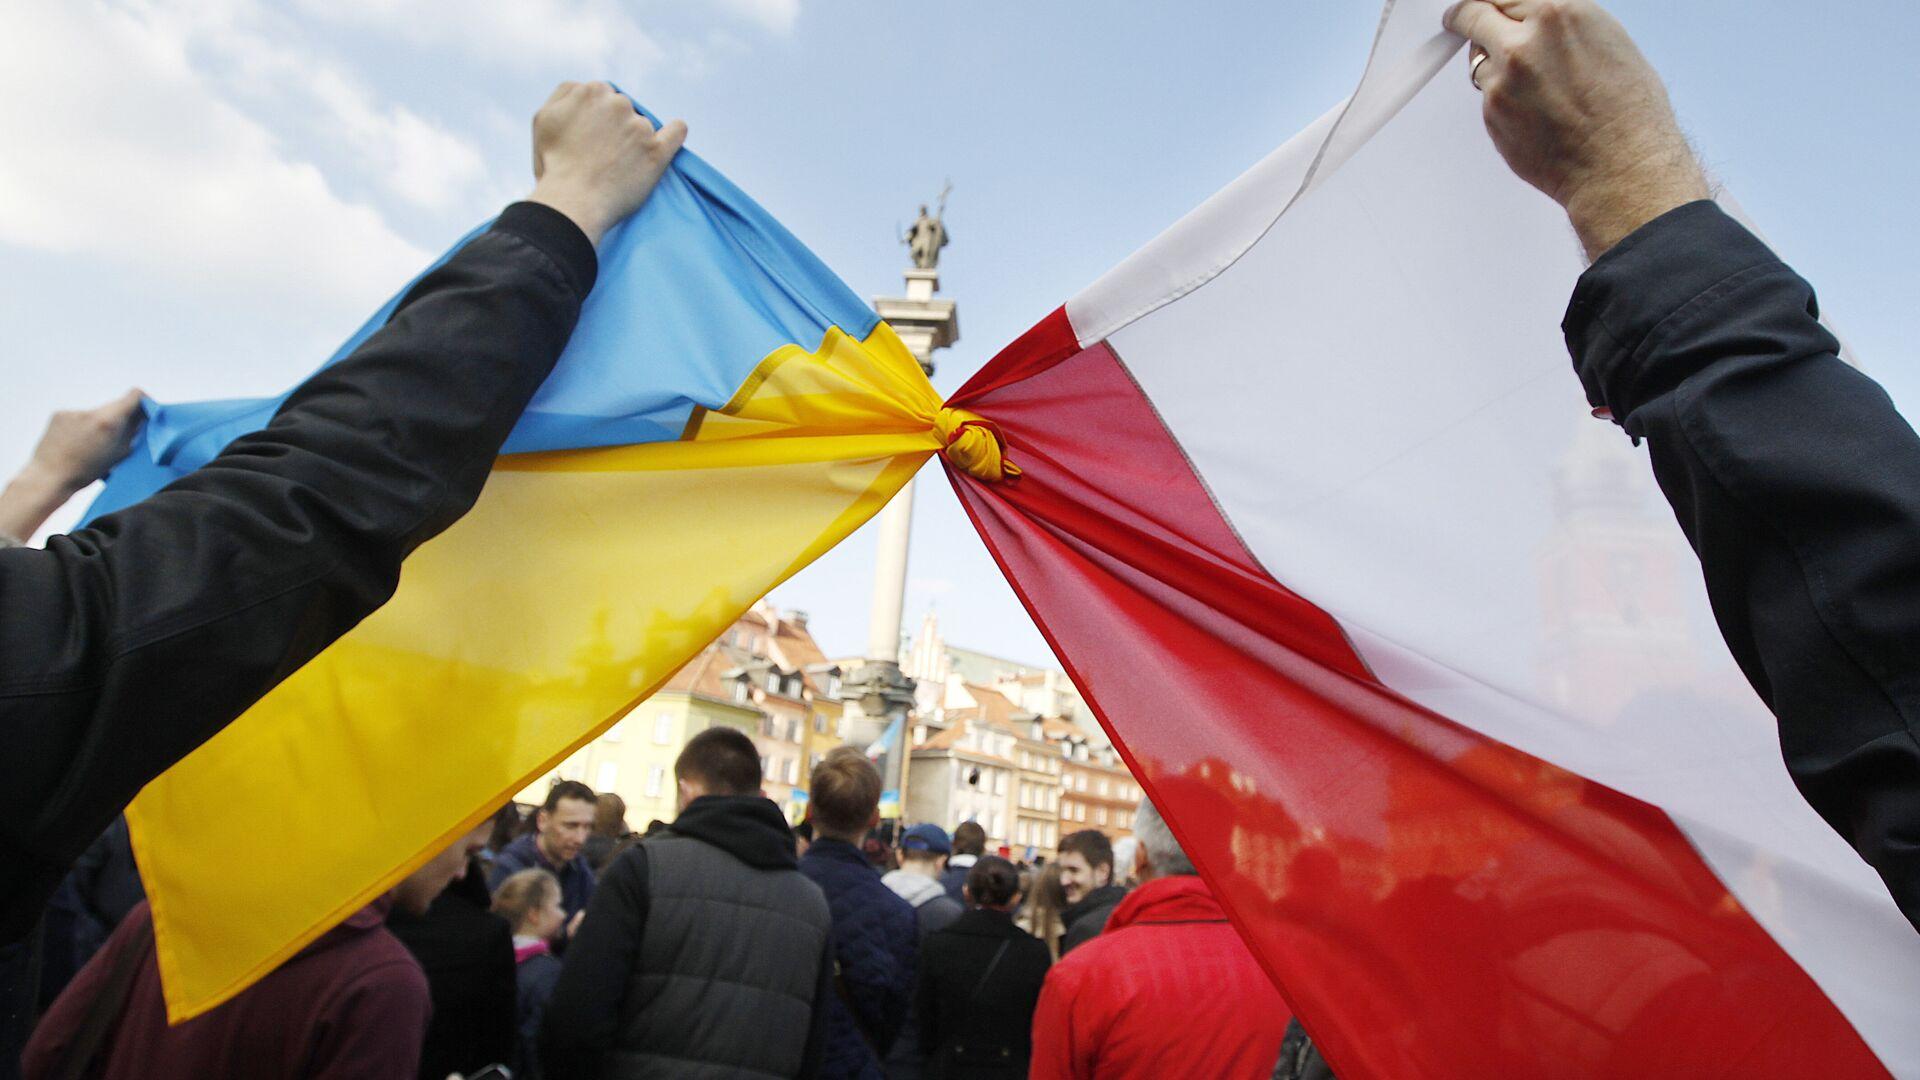 Люди держат связанные флаги Польши и Украины в Варшаве - РИА Новости, 1920, 21.10.2019